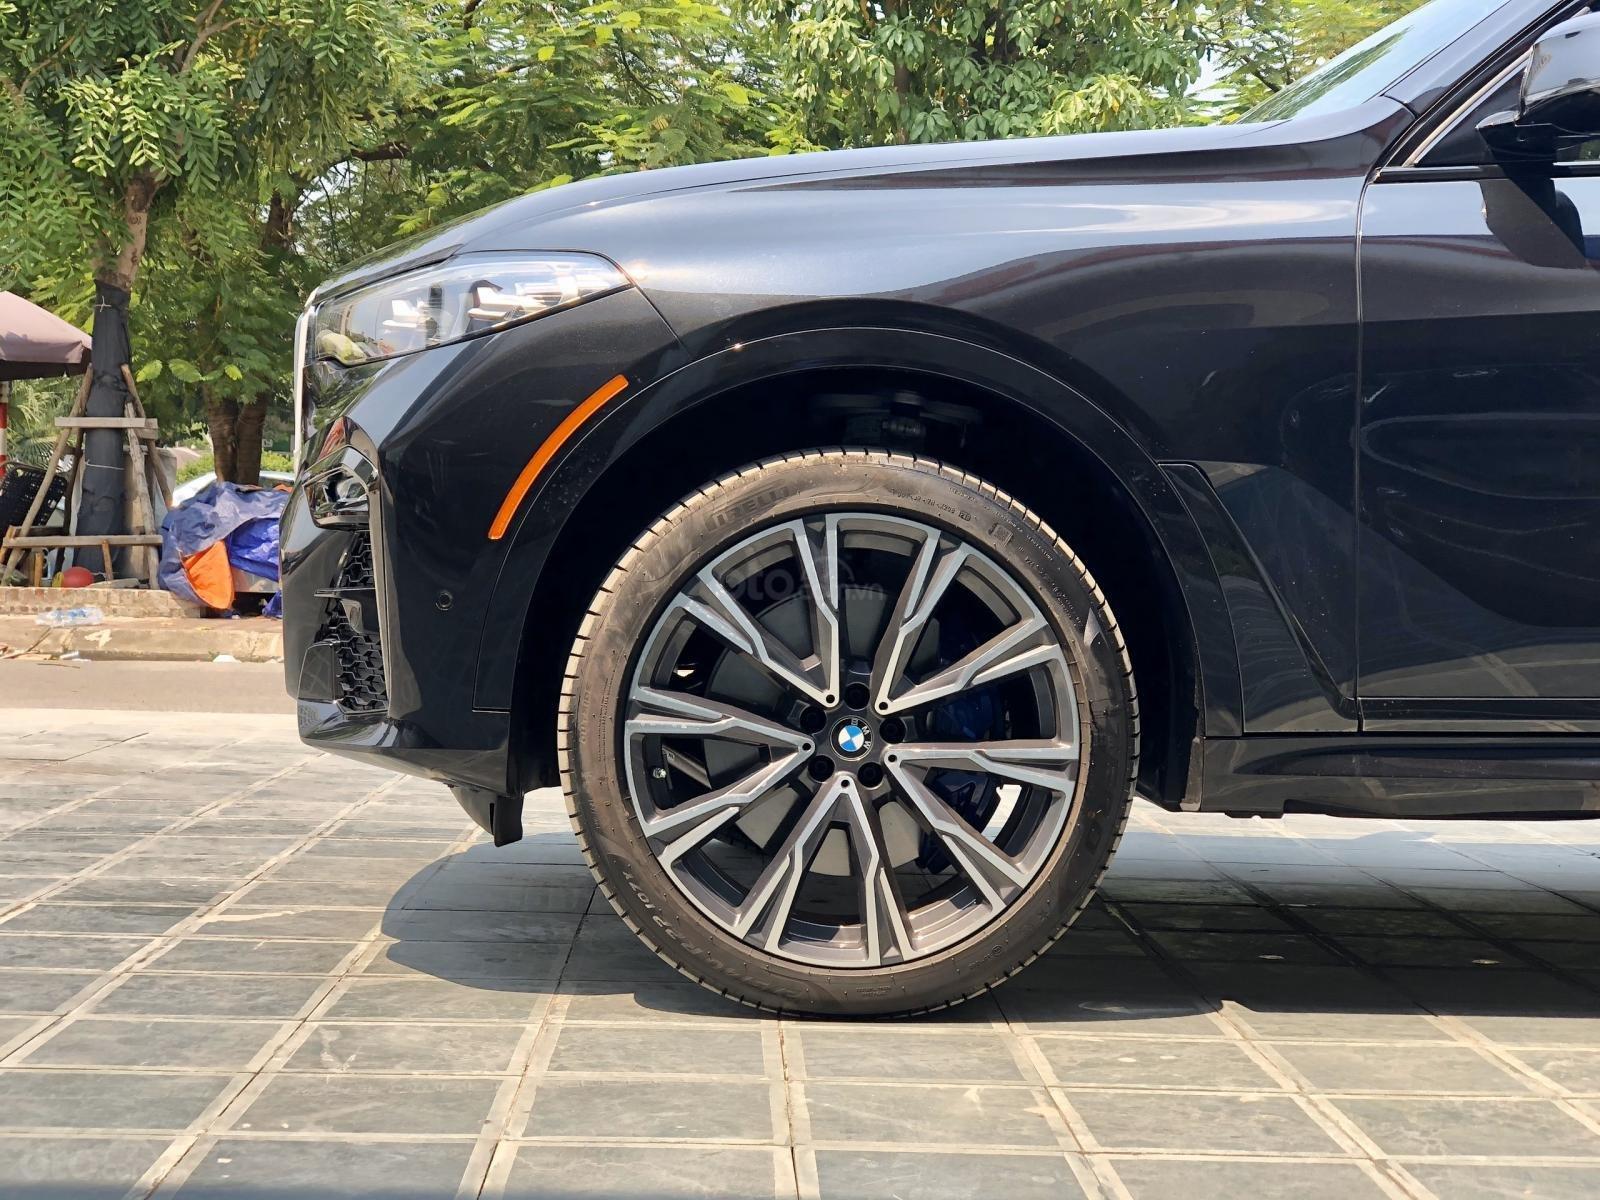 Bán BMW X7 xDrive40i đời 2020, nhập Mỹ, giao ngay toàn quốc, giá tốt, LH 0945.39.2468 Ms Hương (8)